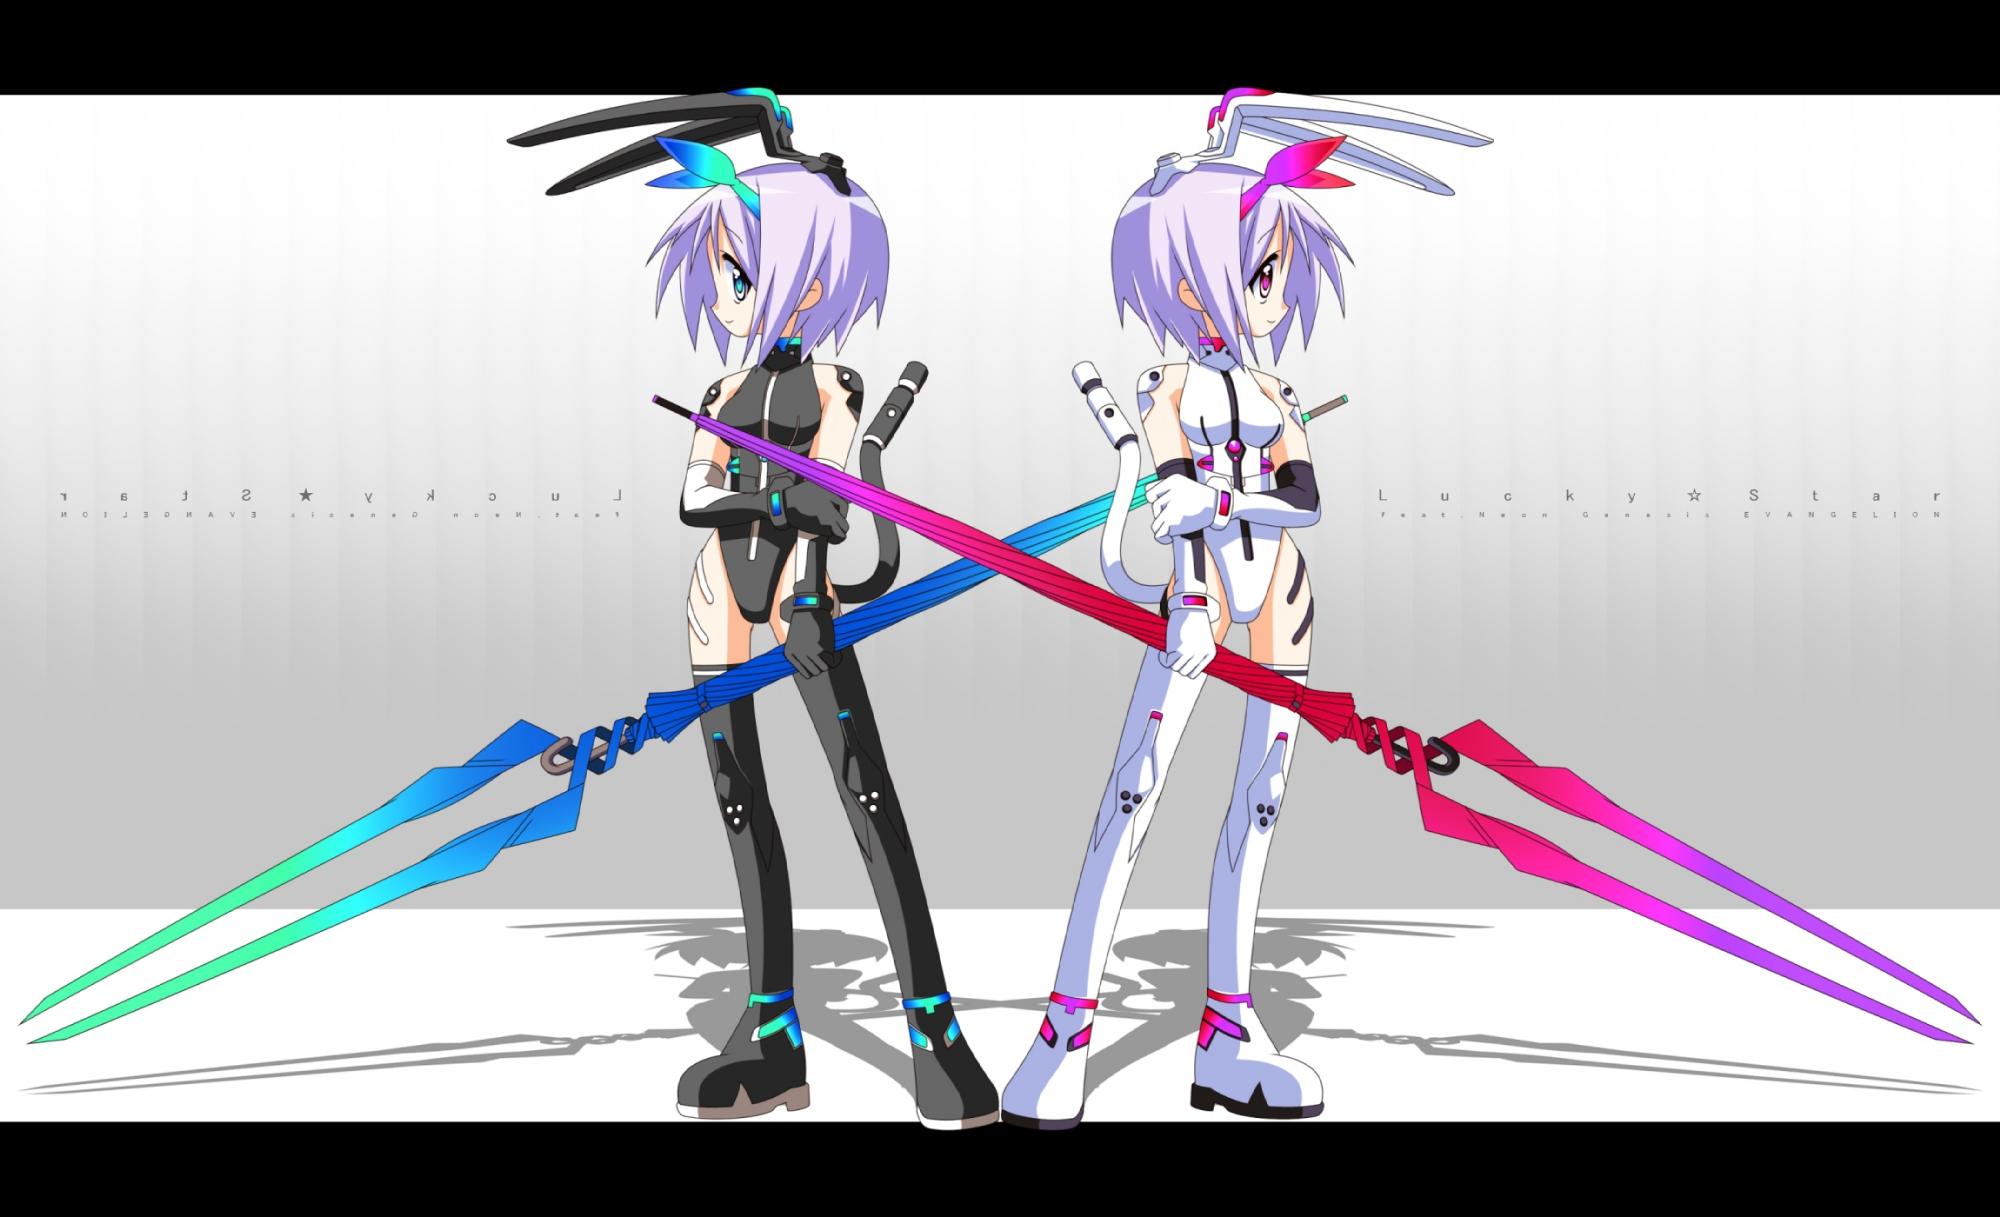 bodysuit hiiragi_tsukasa lucky_star neon_genesis_evangelion purple_hair skintight spear weapon